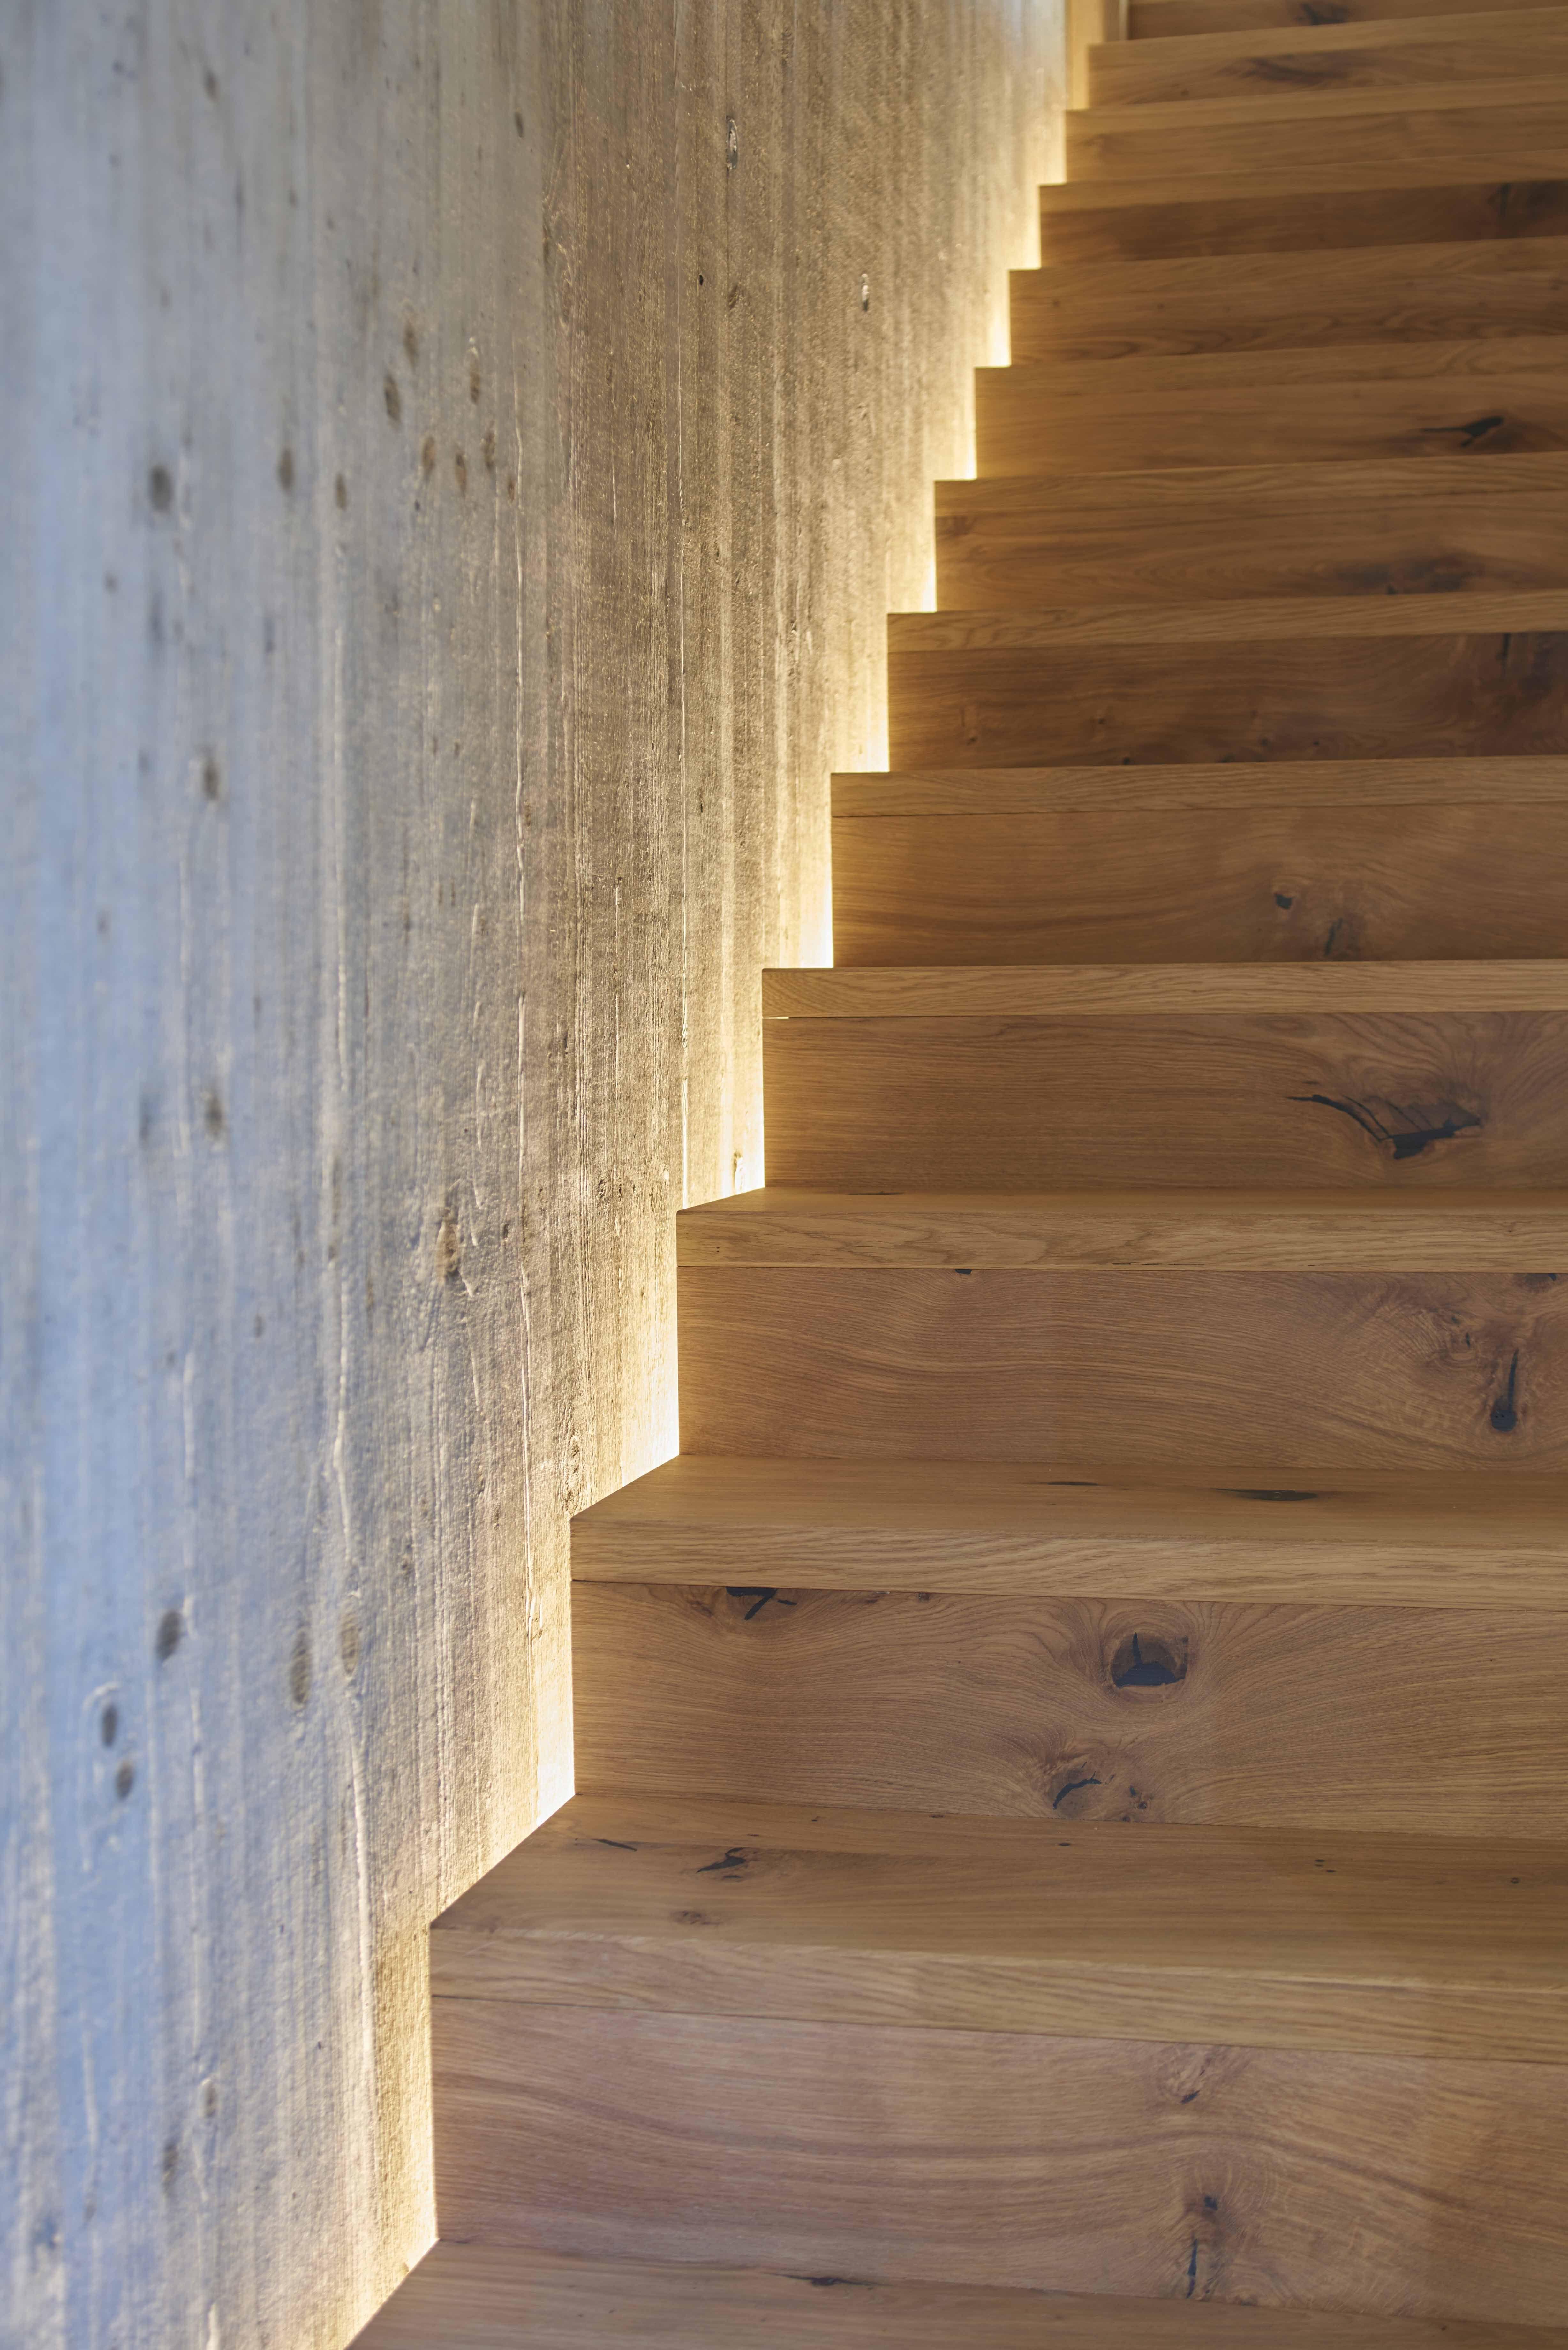 Holztreppe Mit Beleuchtung Aus Der Nische Holztreppe Treppenhaus Beleuchtung Treppe